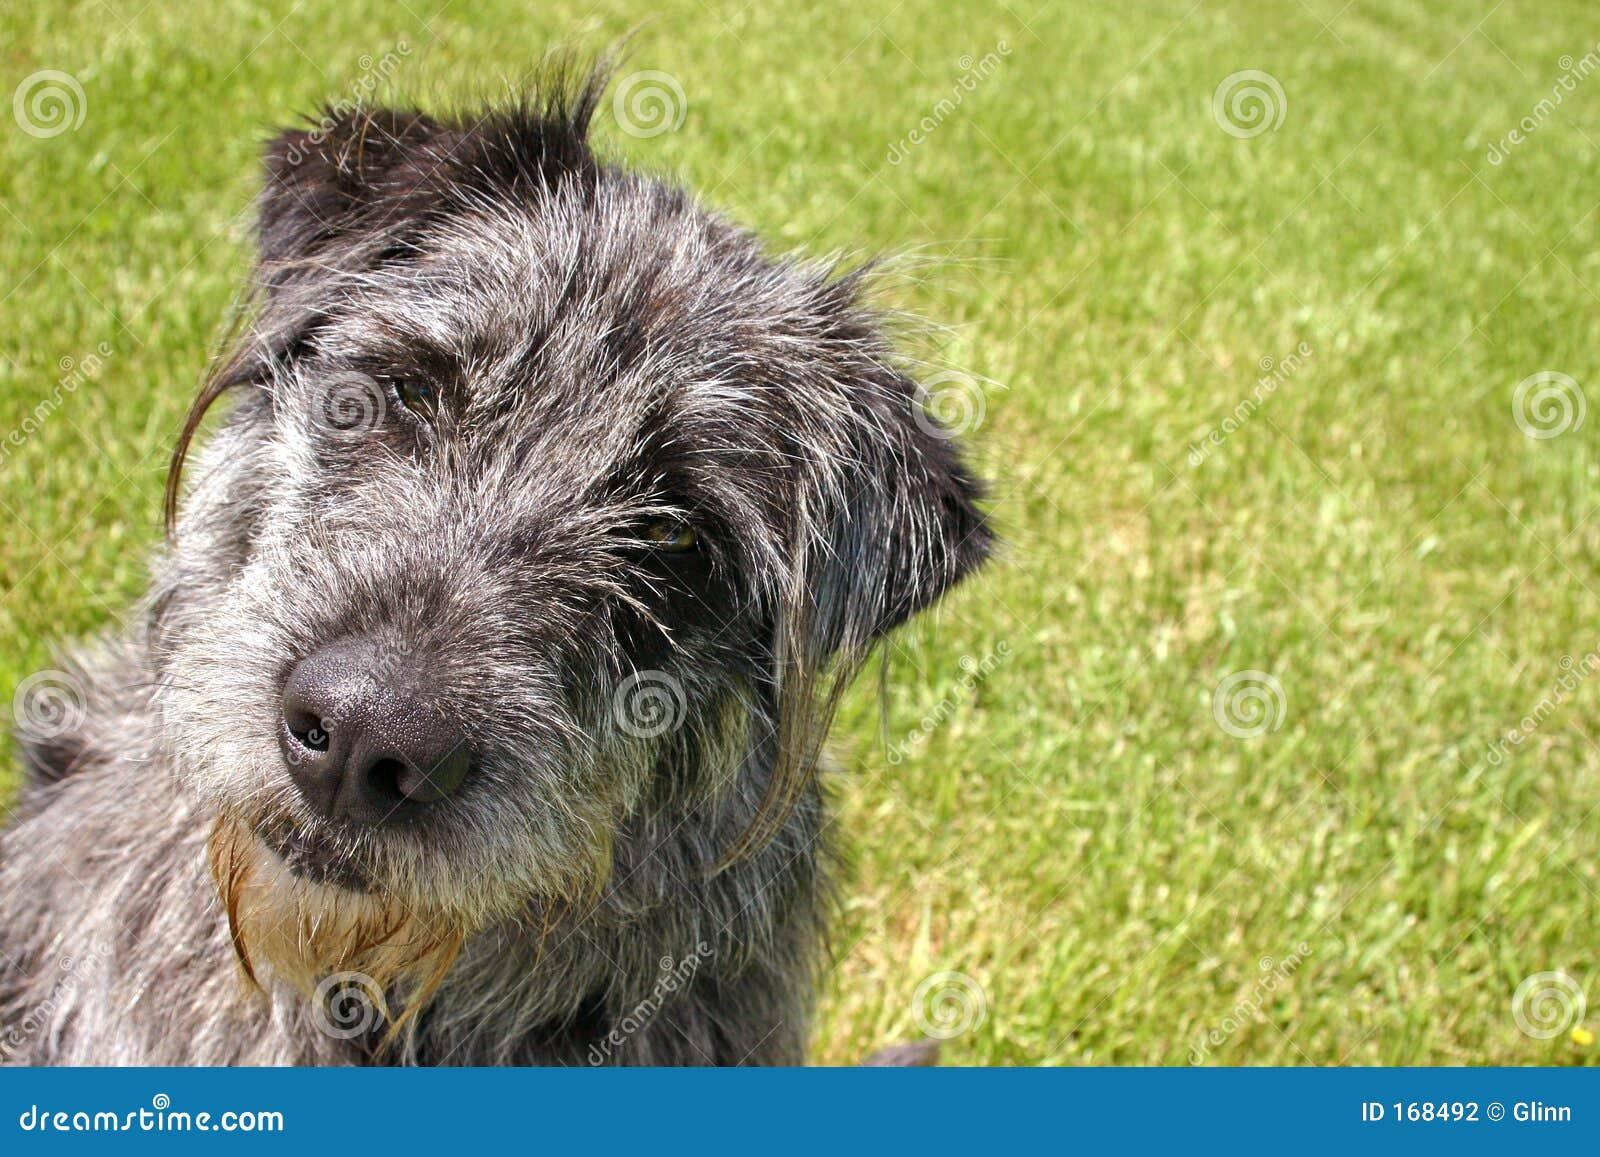 Serious-lookin  Dog